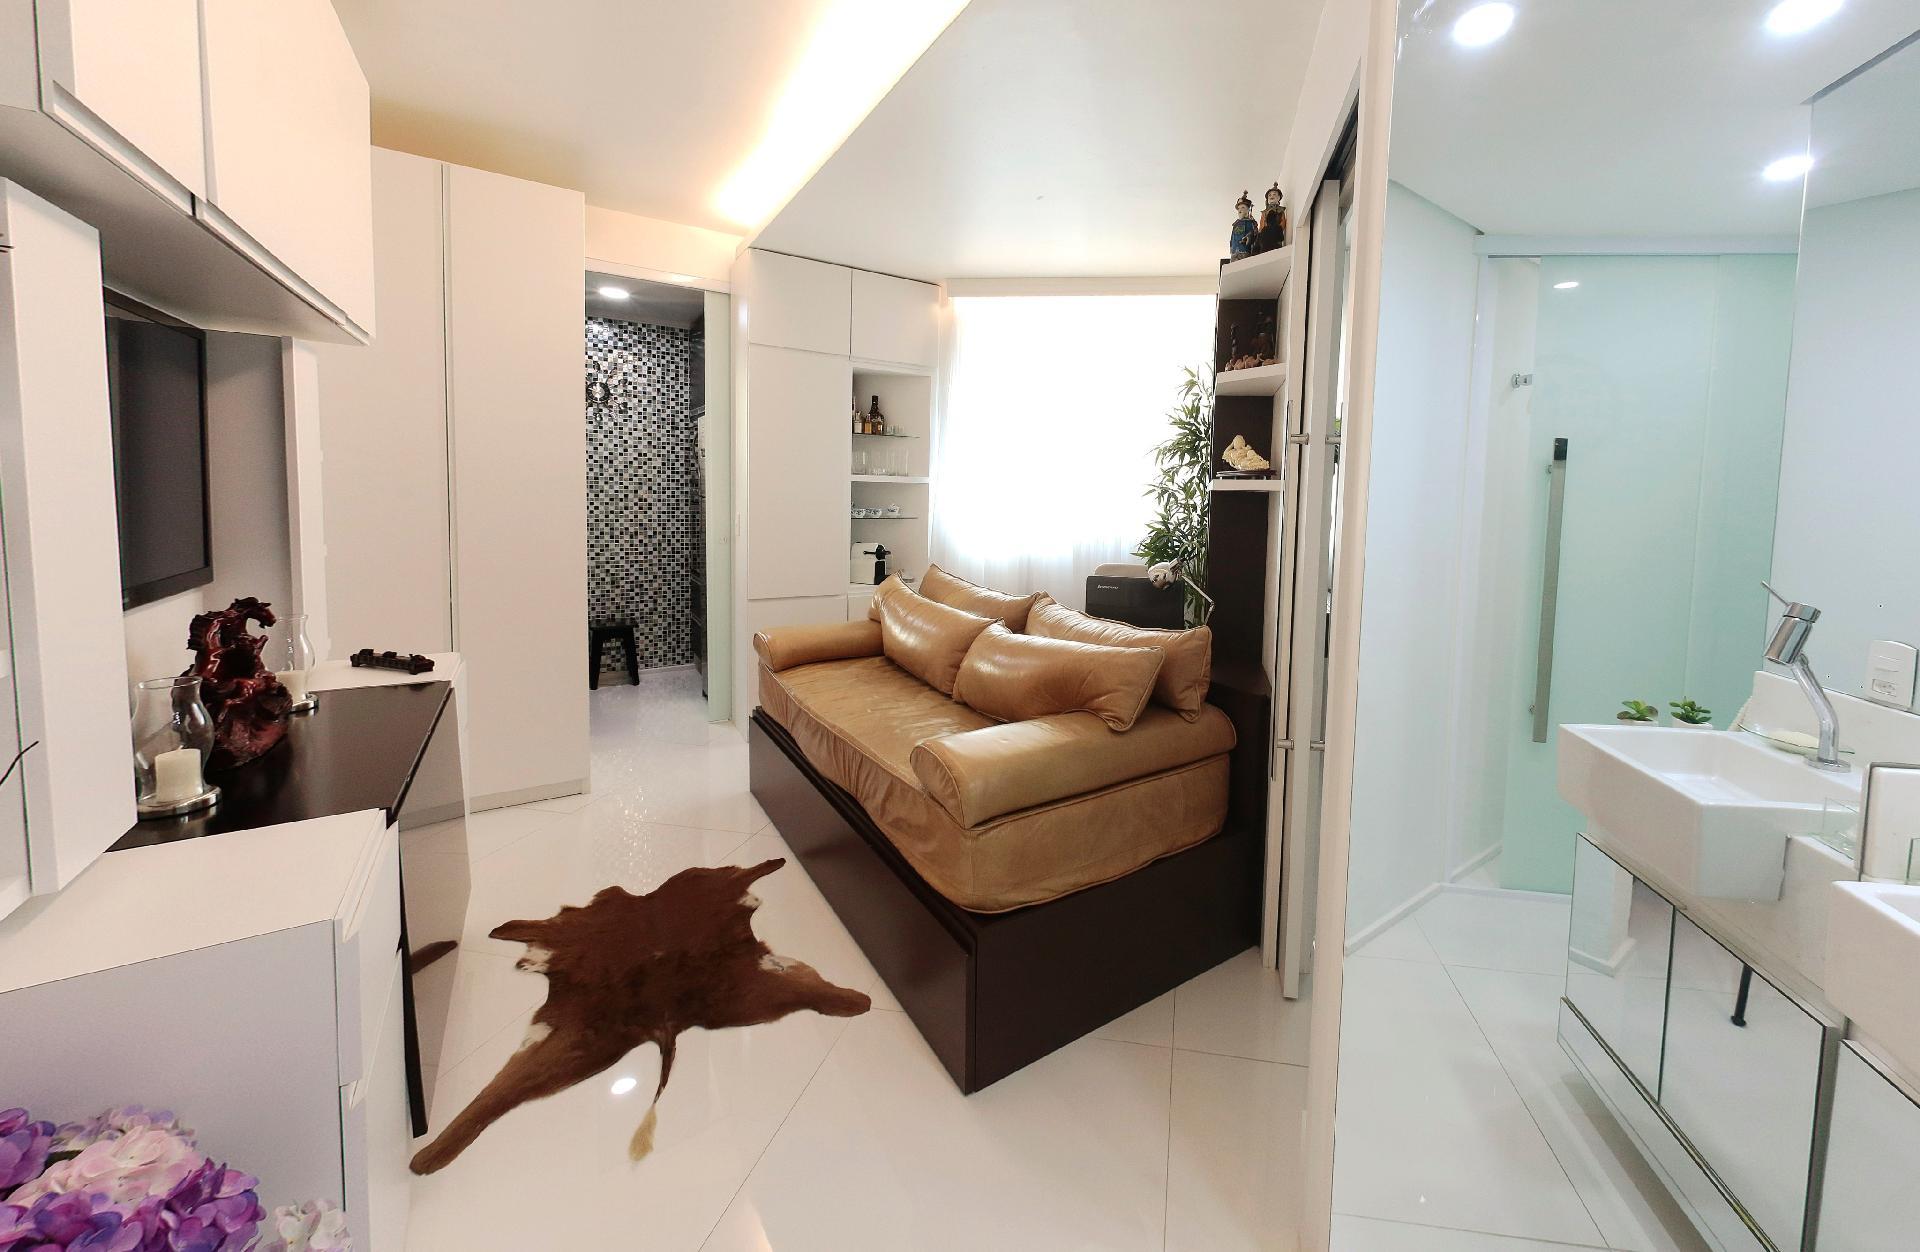 Imagens de #684631 Salas de estar: sugestões para quem tem muito ou pouco espaço BOL  1920x1252 px 3612 Banheiros Social Planejados